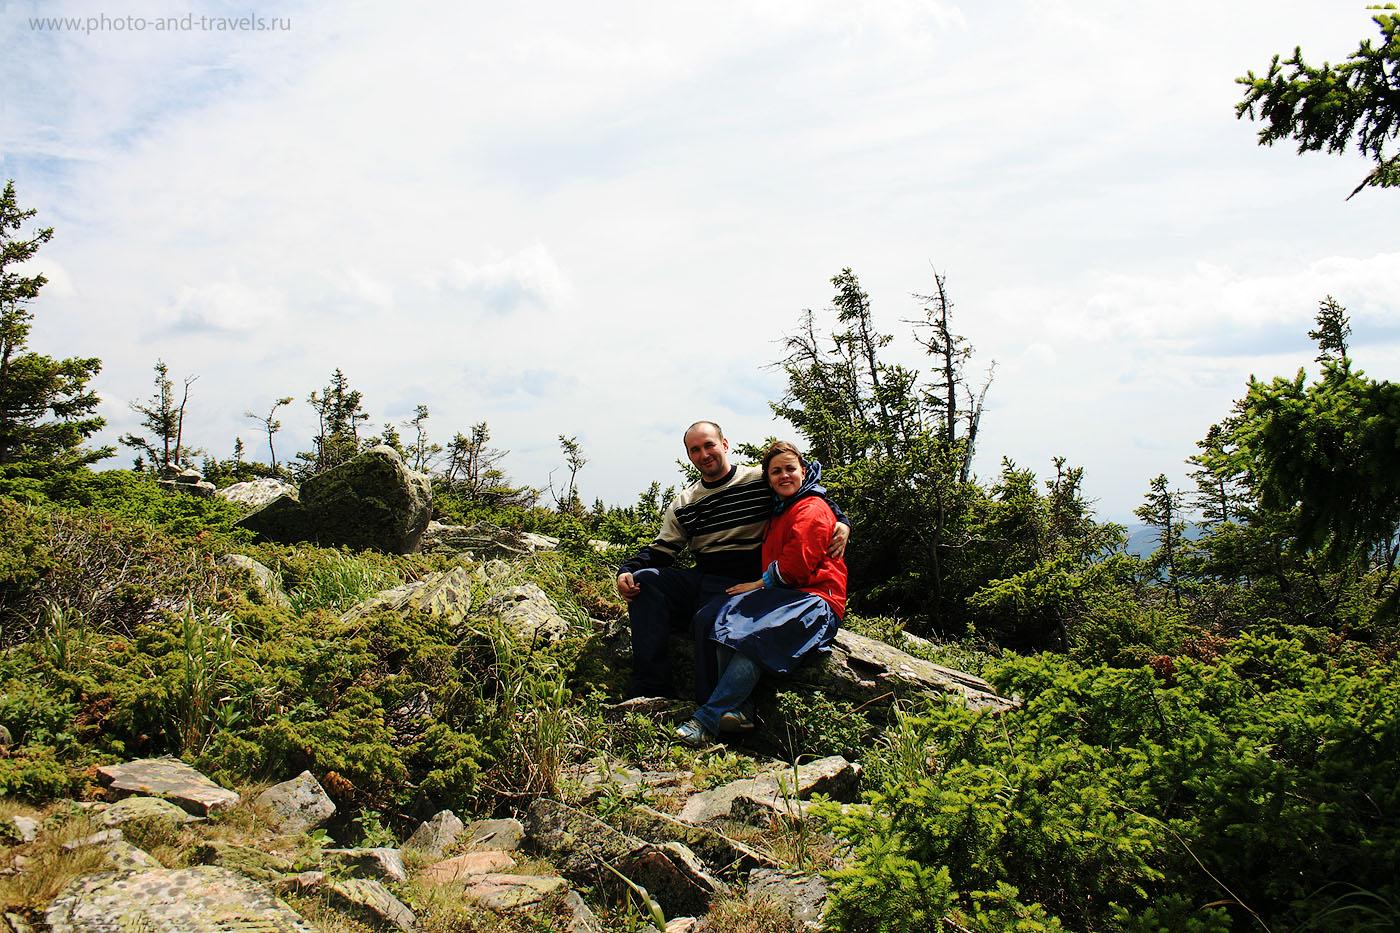 18. На склонах горы Круглица - лесотундра. Парк Таганай в Челябинской области